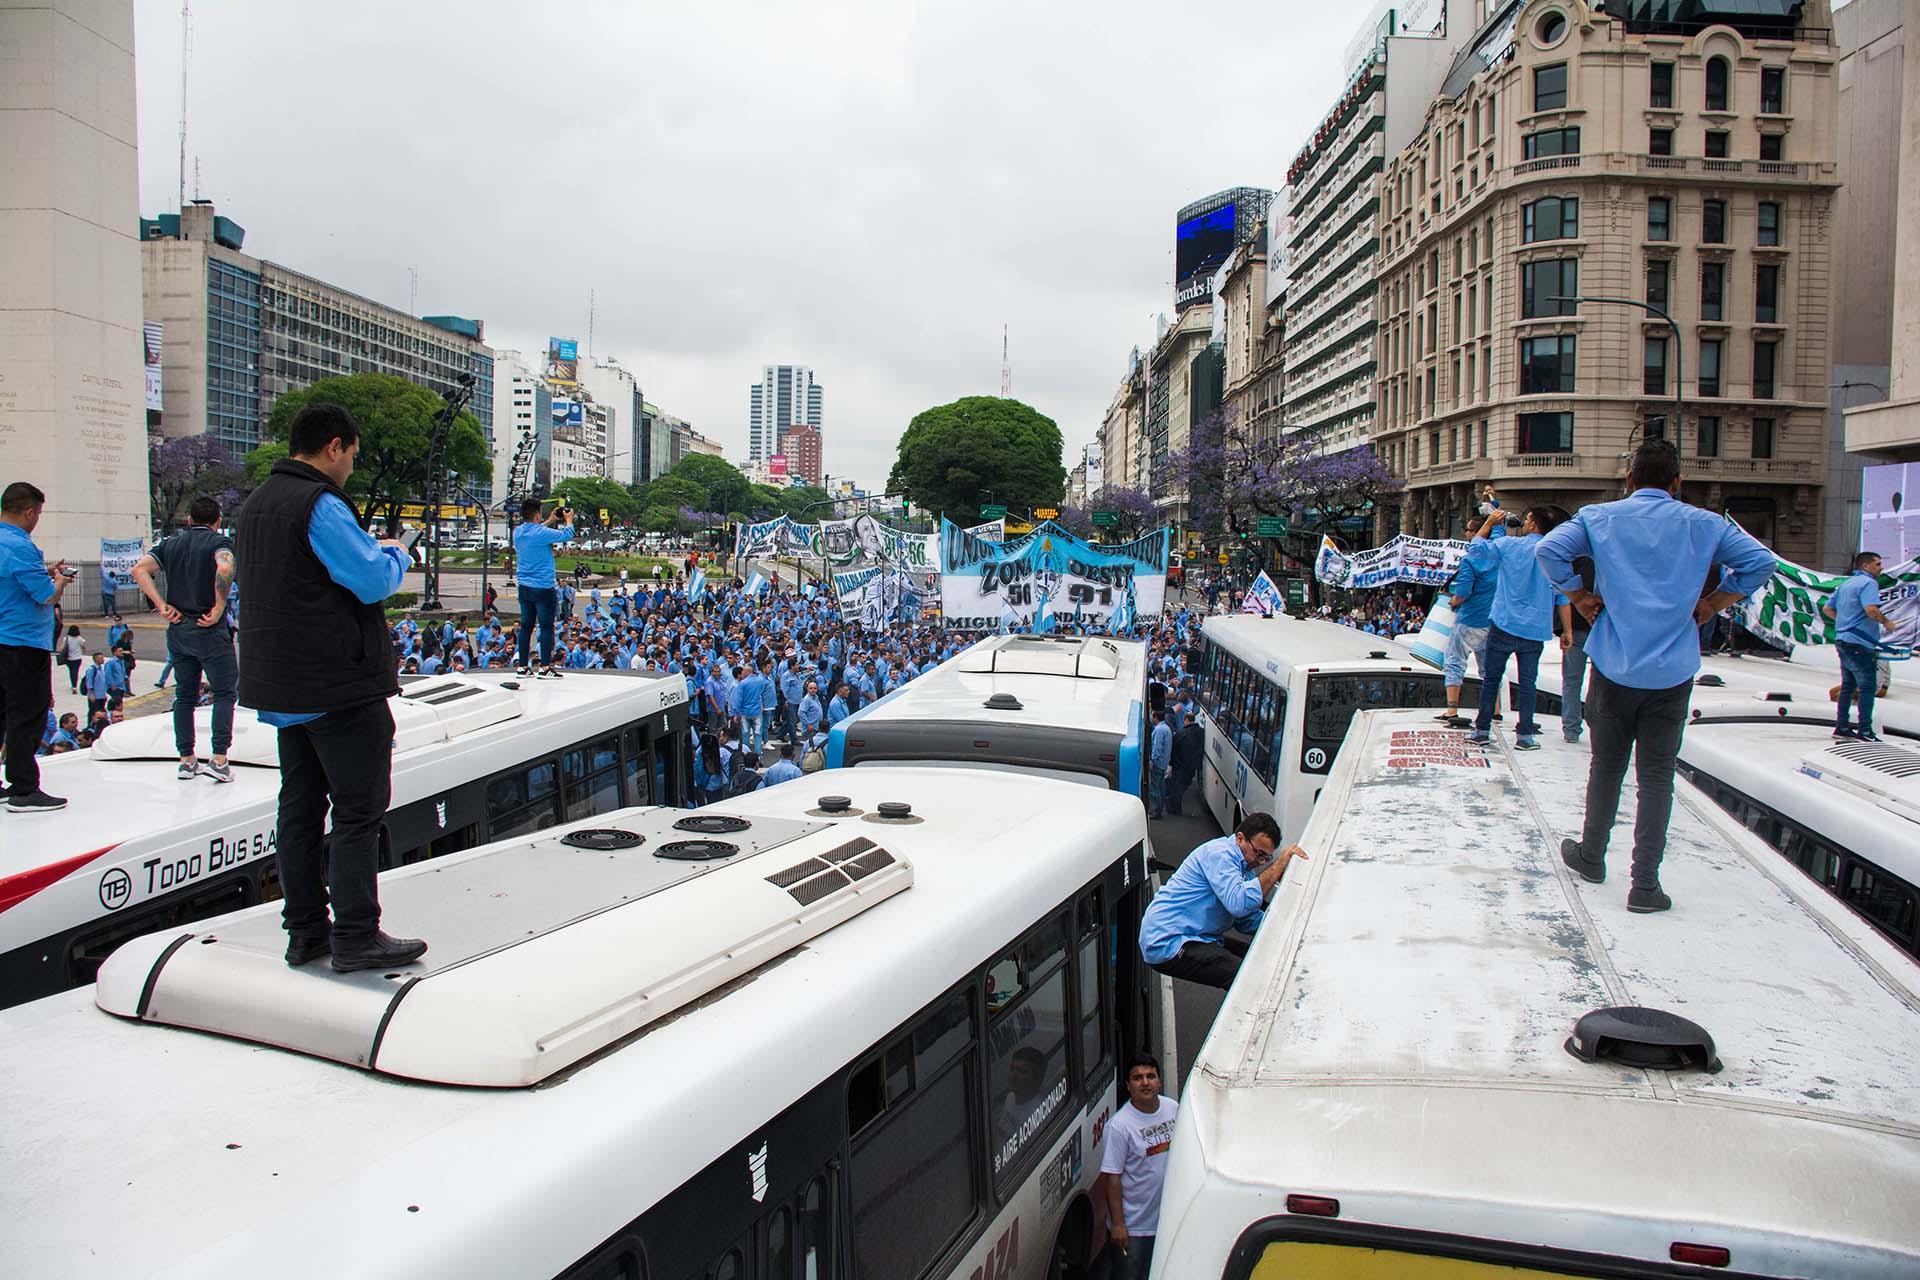 Trabajadores de diversas líneas de colectivo marcharon al Obelisco para reclamar que las elecciones del sindicato habían sido fraudulentas (Franco Fafasuli)